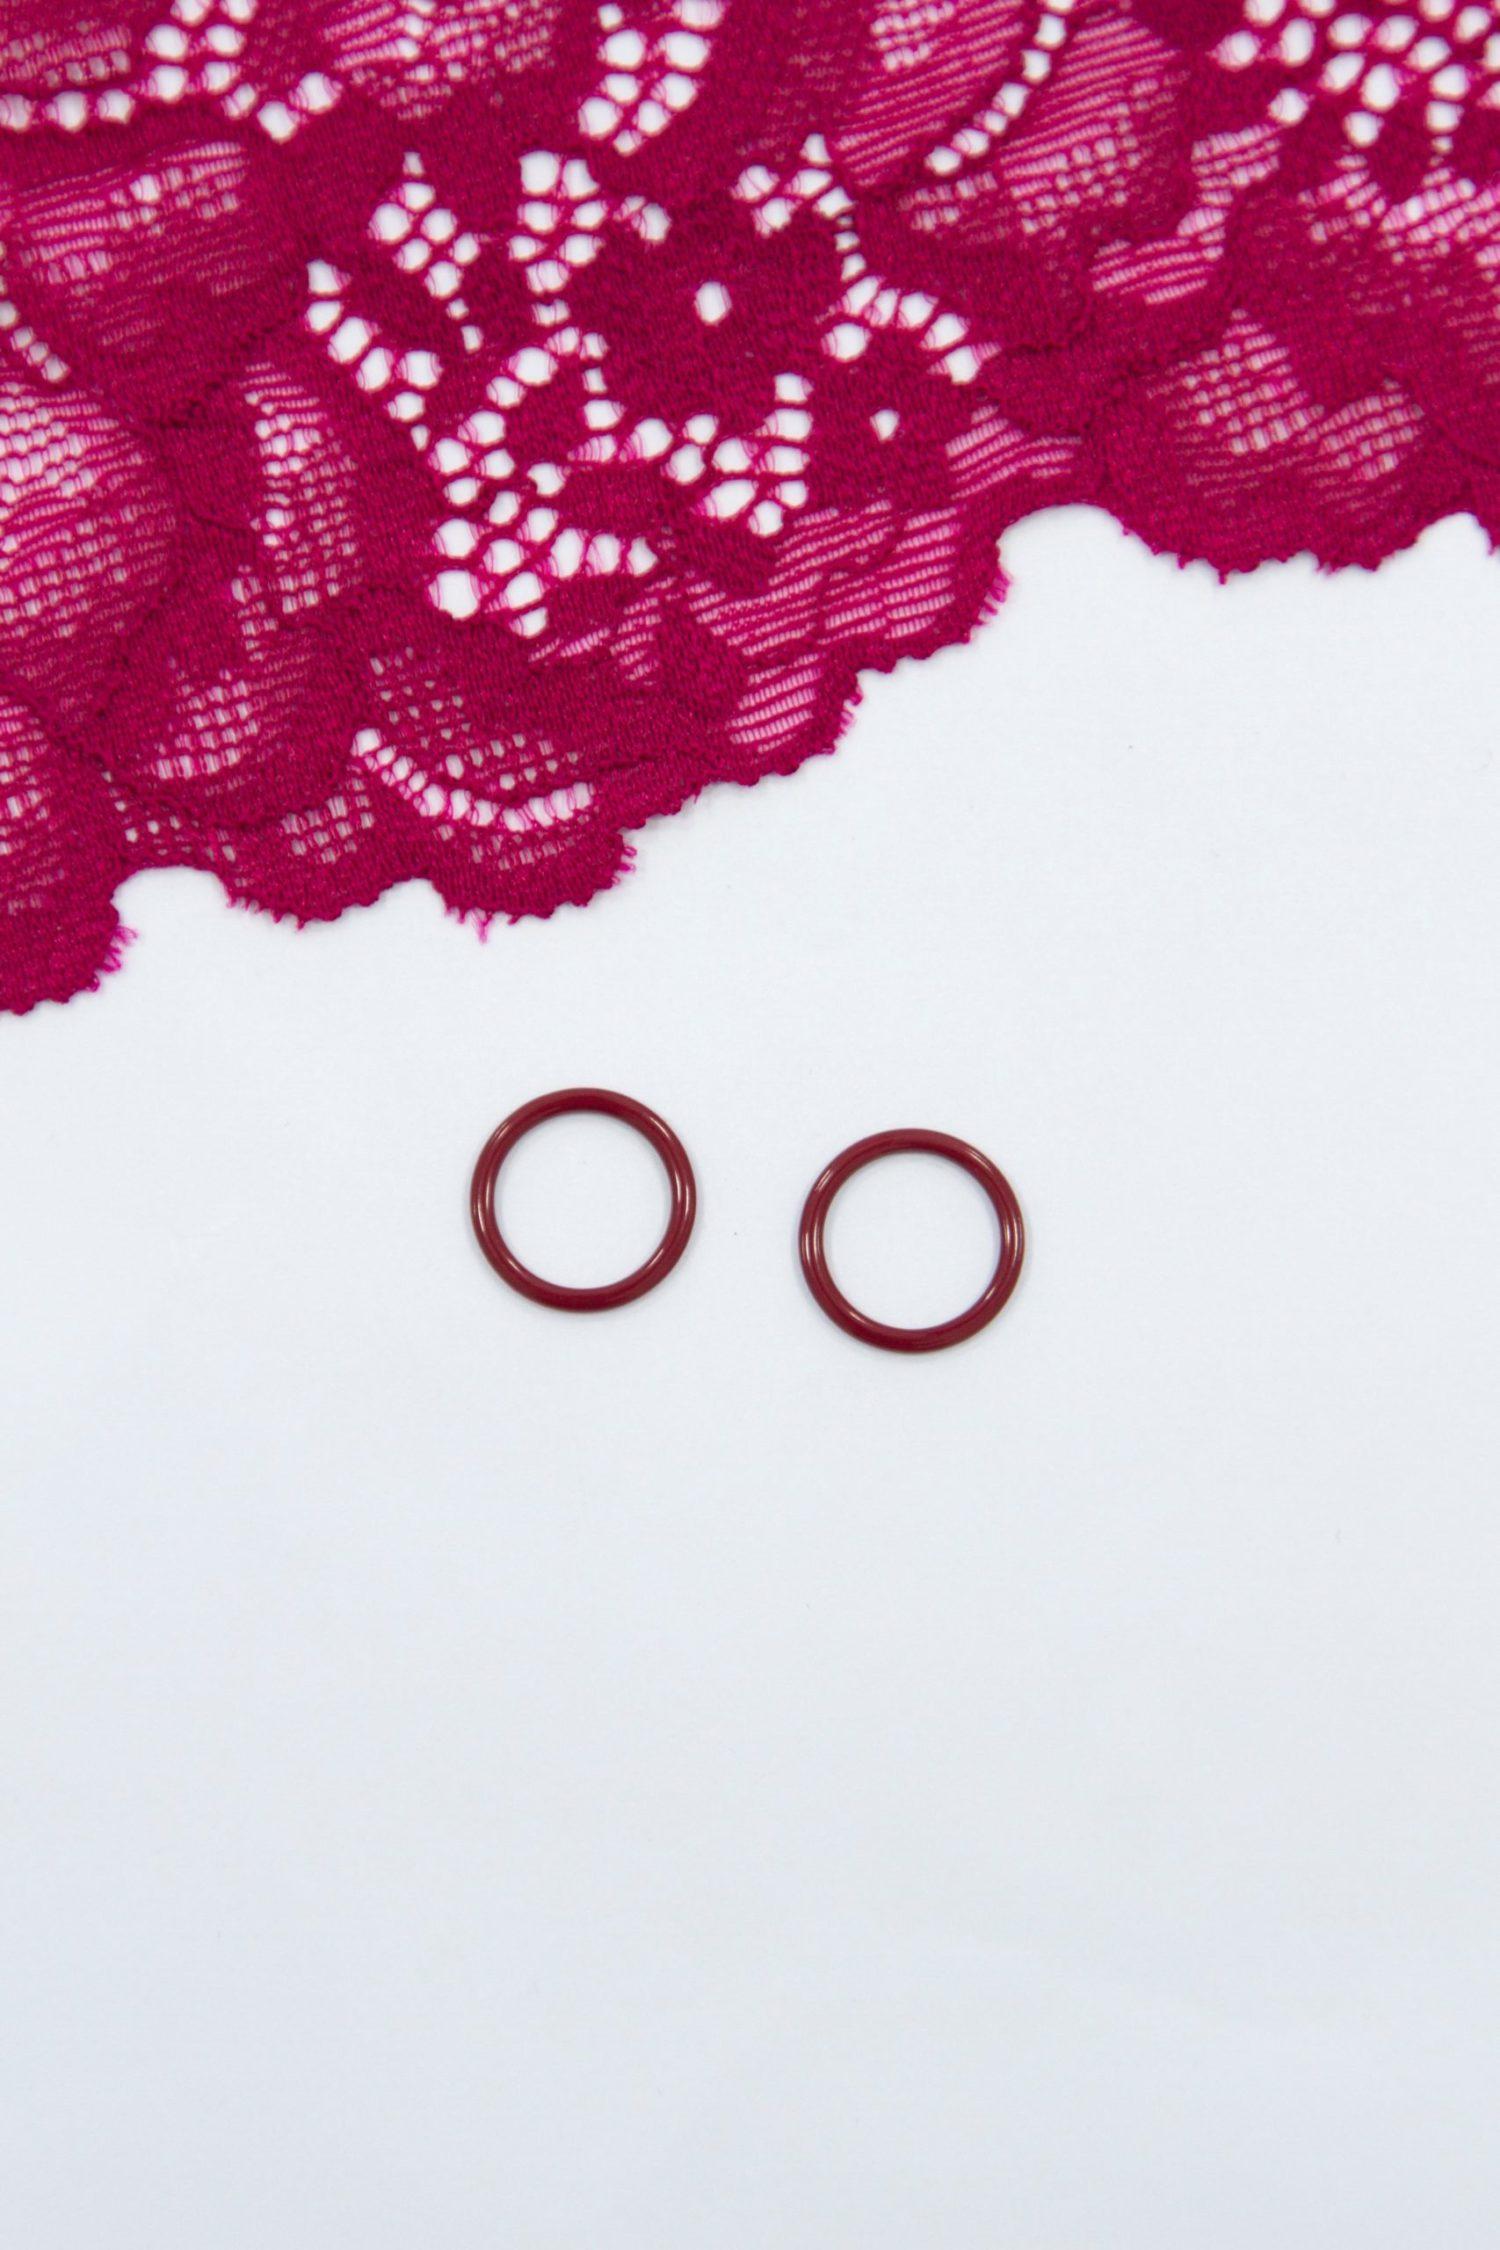 Кольцо металлическое бельевая фурнитура ∅1 см бордовое